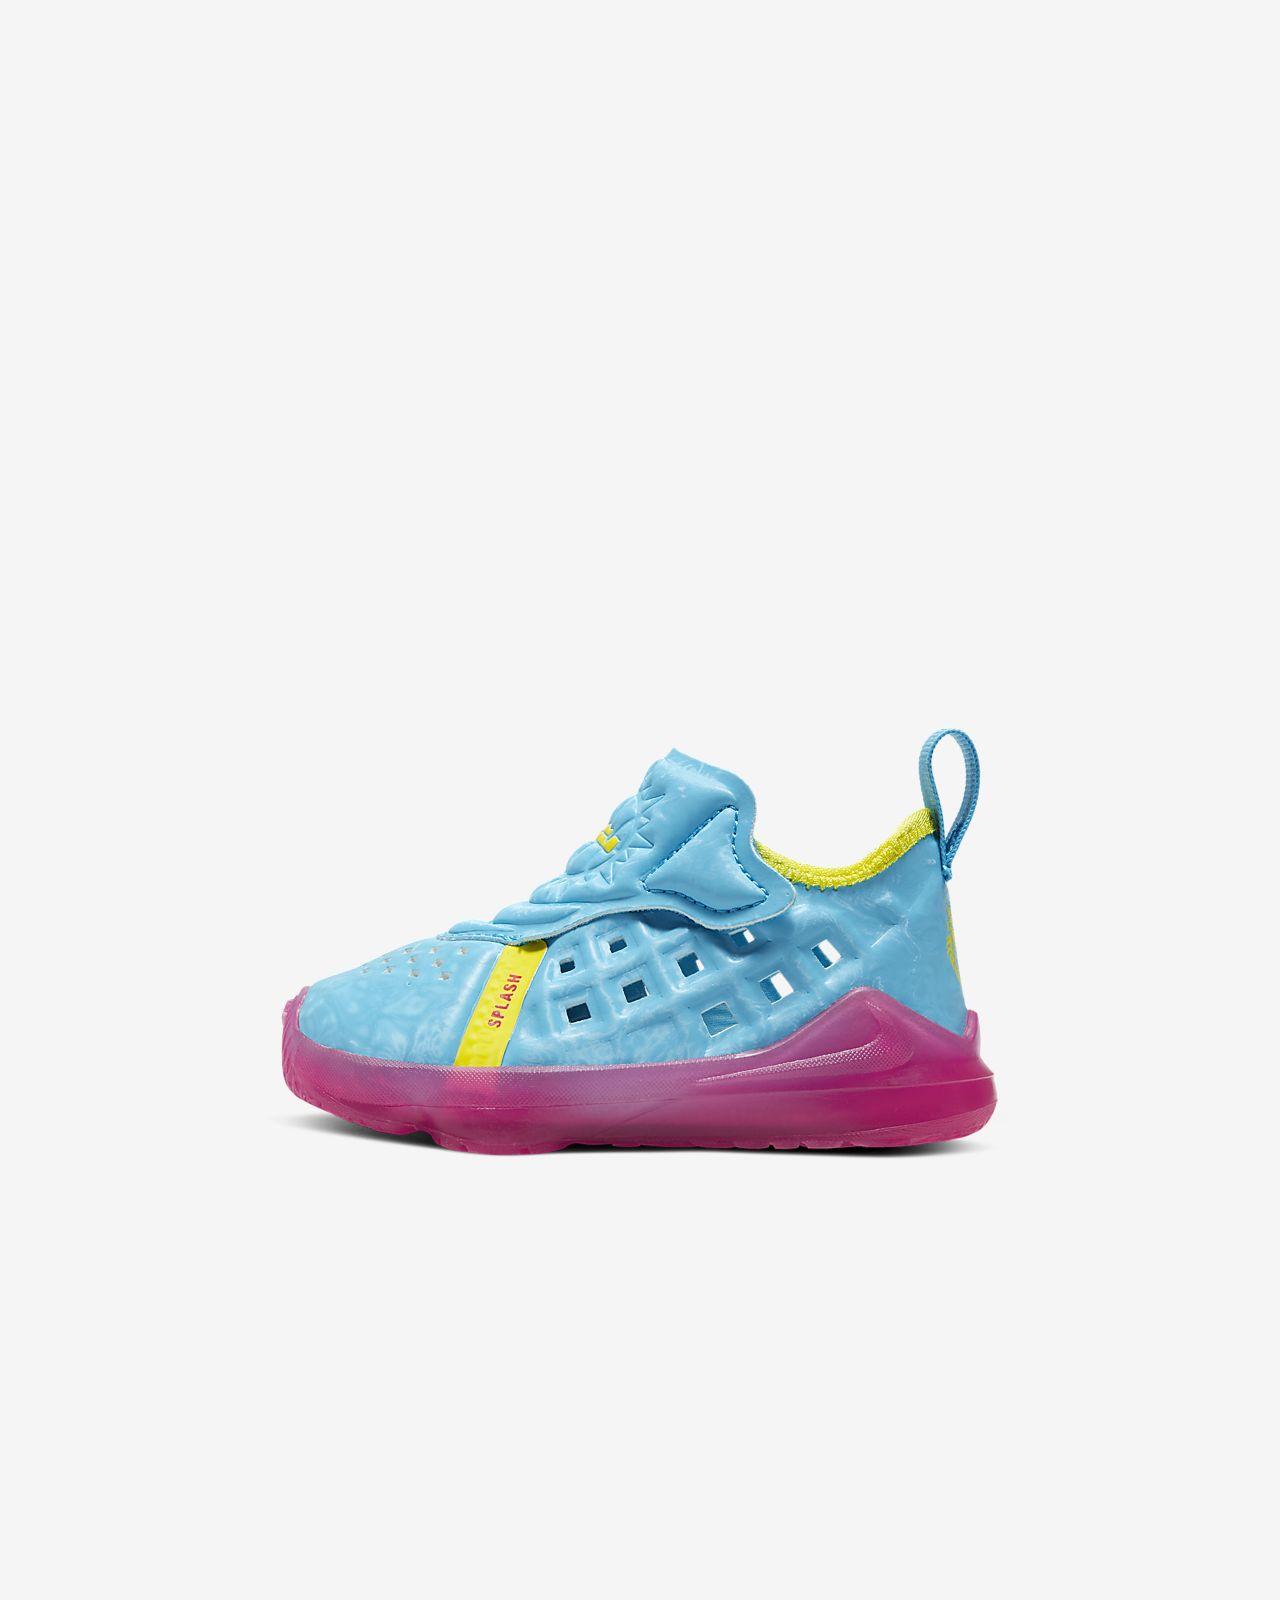 LeBron XVII Dunked (TD) 婴童运动童鞋